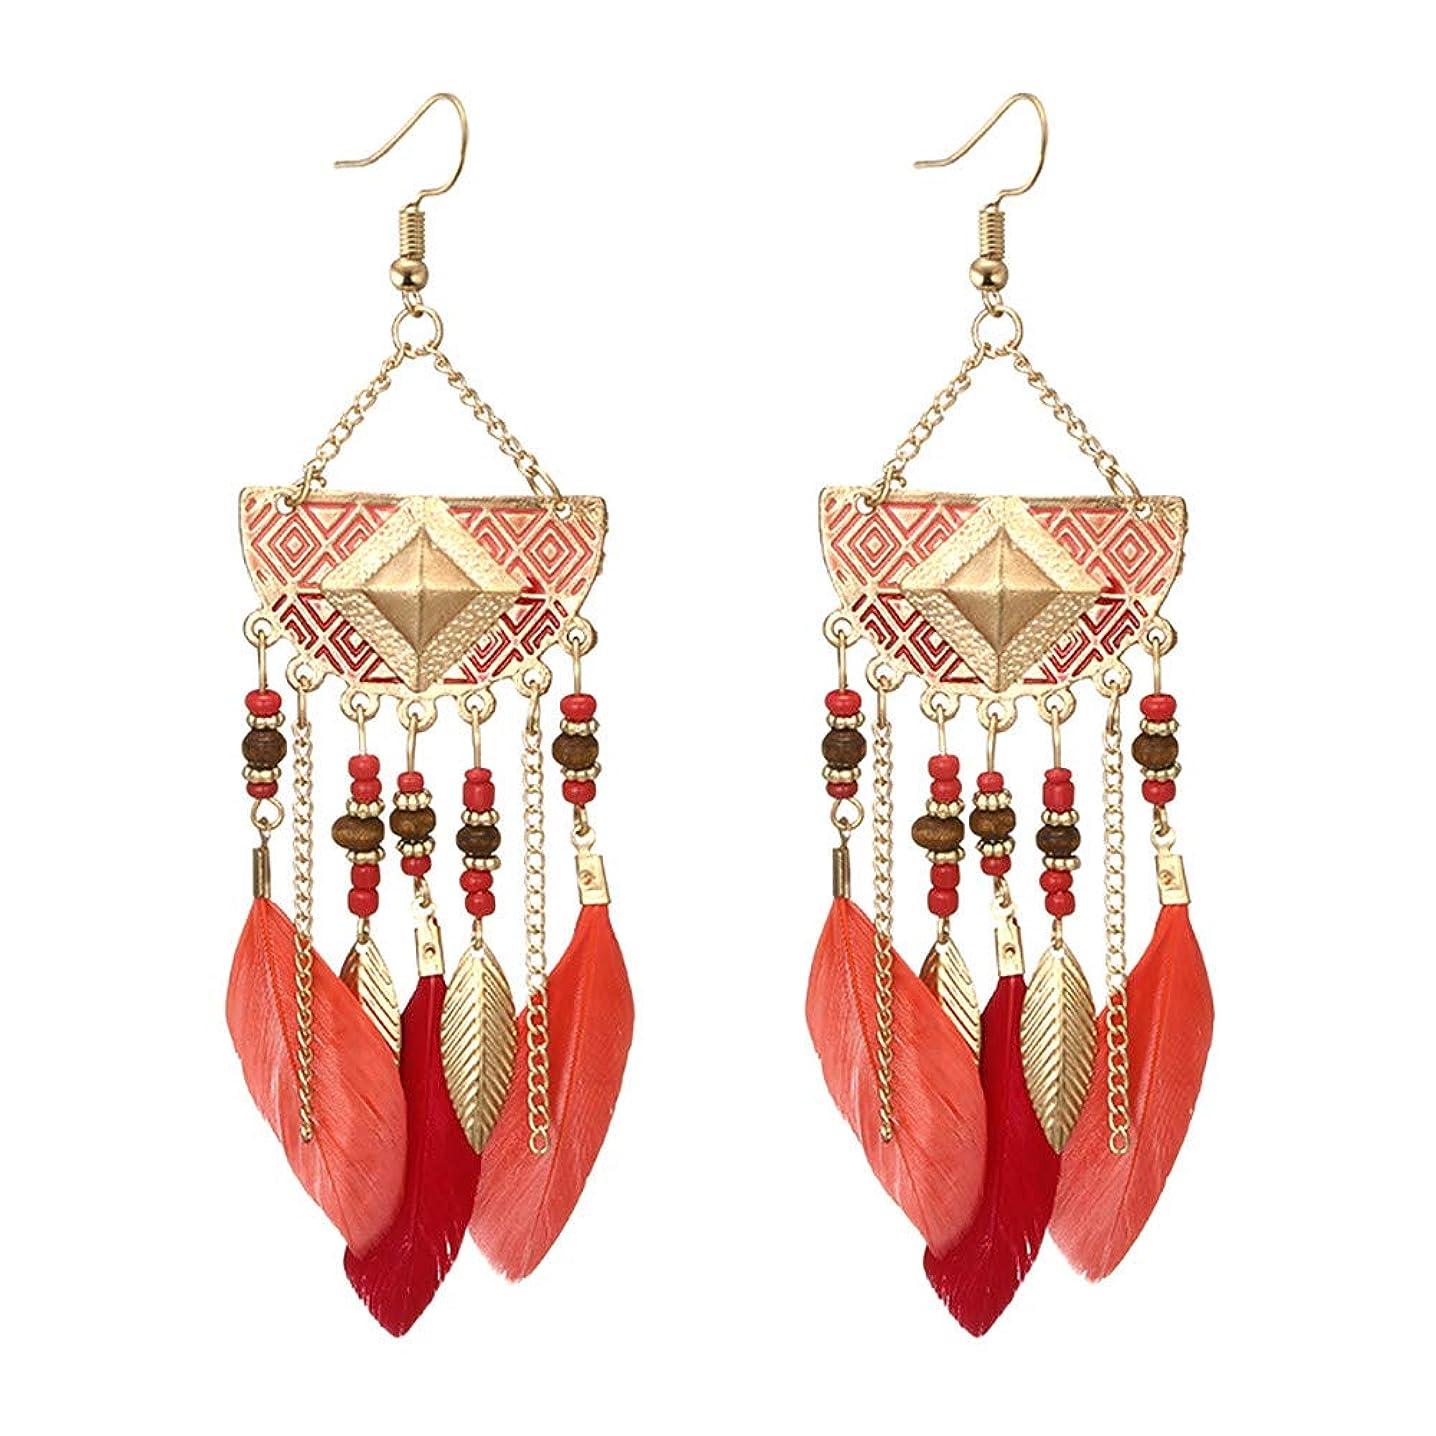 ANJUNIE Beaded Feather Tassel Earrings,Fan-shaped Beaded Fringe Drop Earrings for Womens Gift